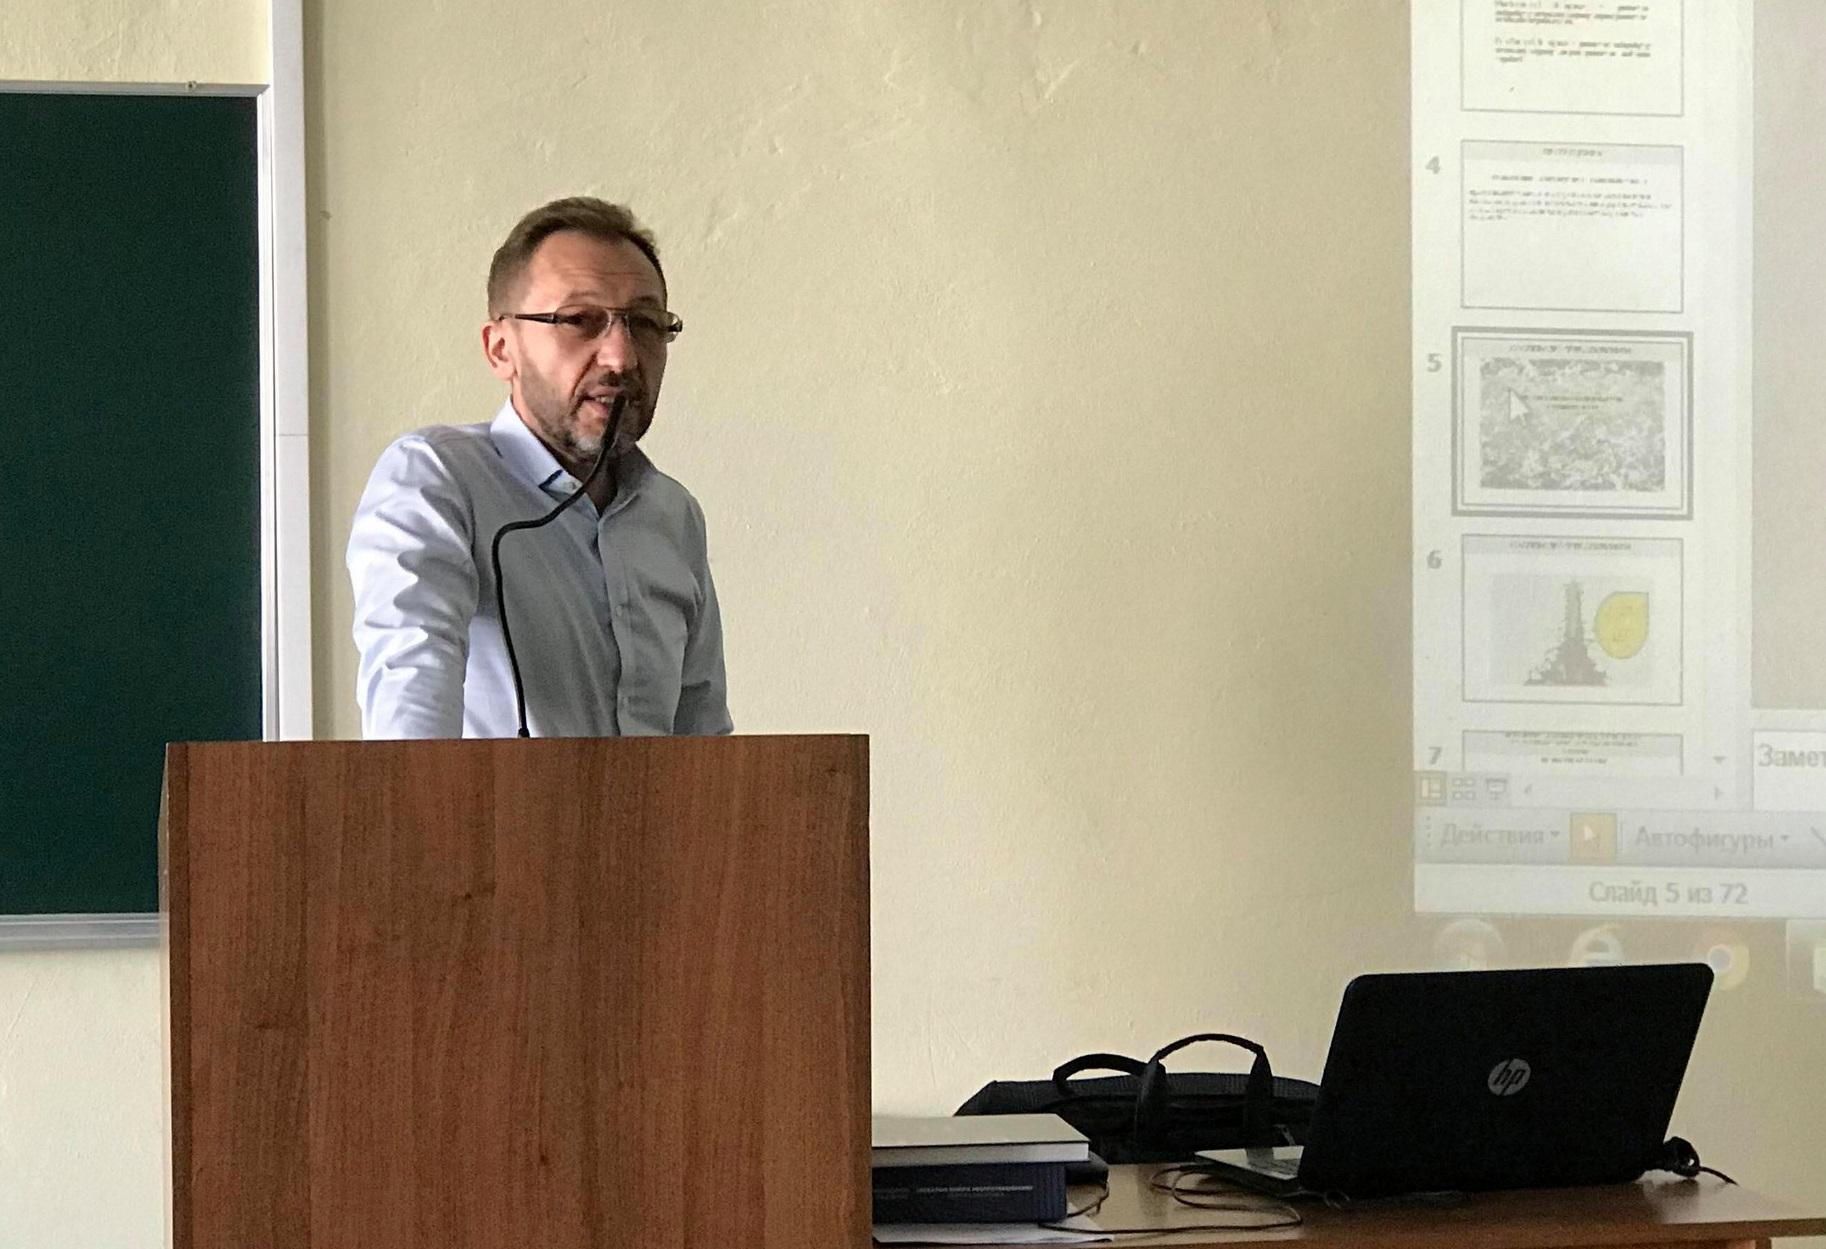 В Івано-Франківську виступив відомий український економіст Володимир Панченко